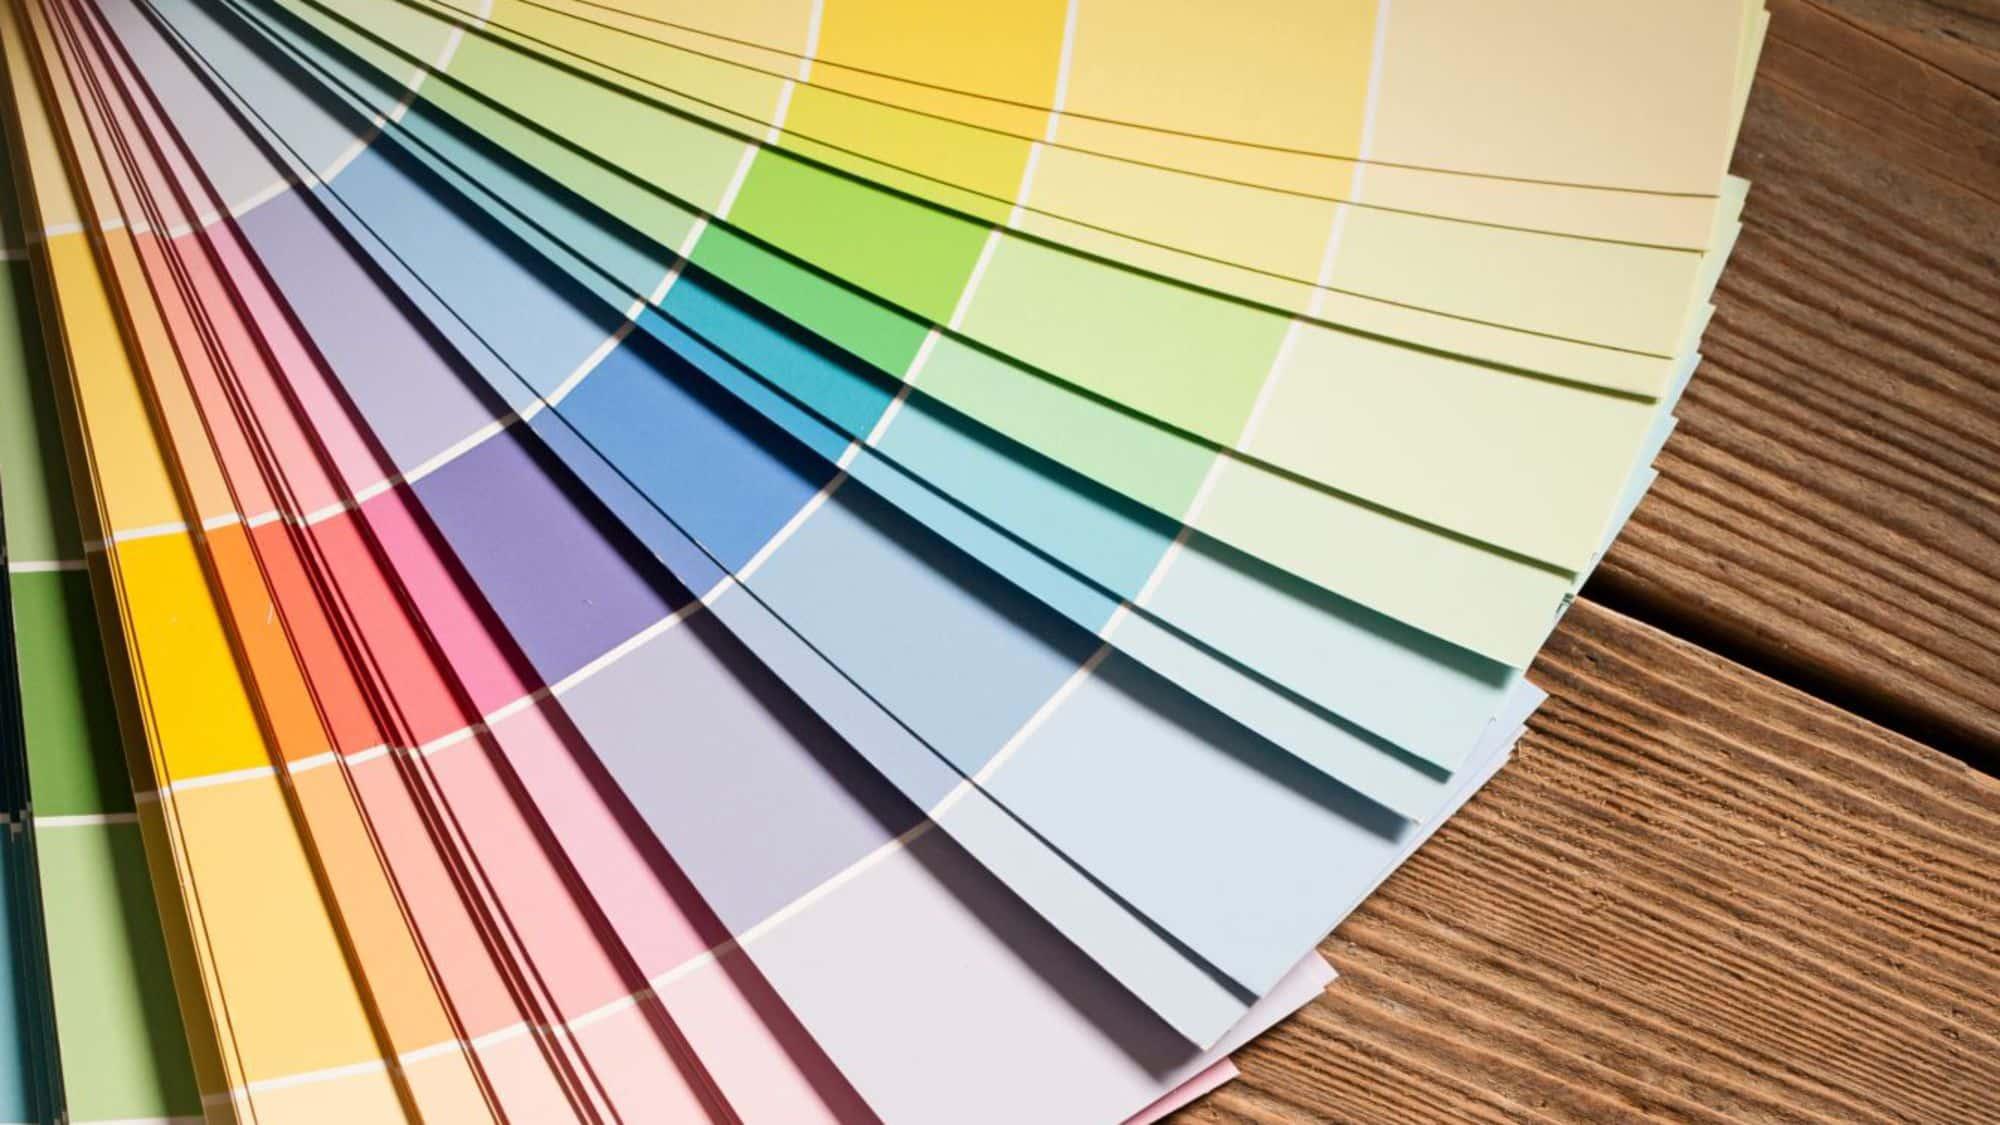 """Un nuancier de couleurs de peinture est toujours bien utile quand on cherche à repeindre les murs de la chambre, du salon, et de n'importe qu'elle autre pièce de la maison. Pourtant ce """"catalogue"""" de couleurs de peintures pourrait nous faire perdre la tête tant il est riche et les nuances parfois subtile"""